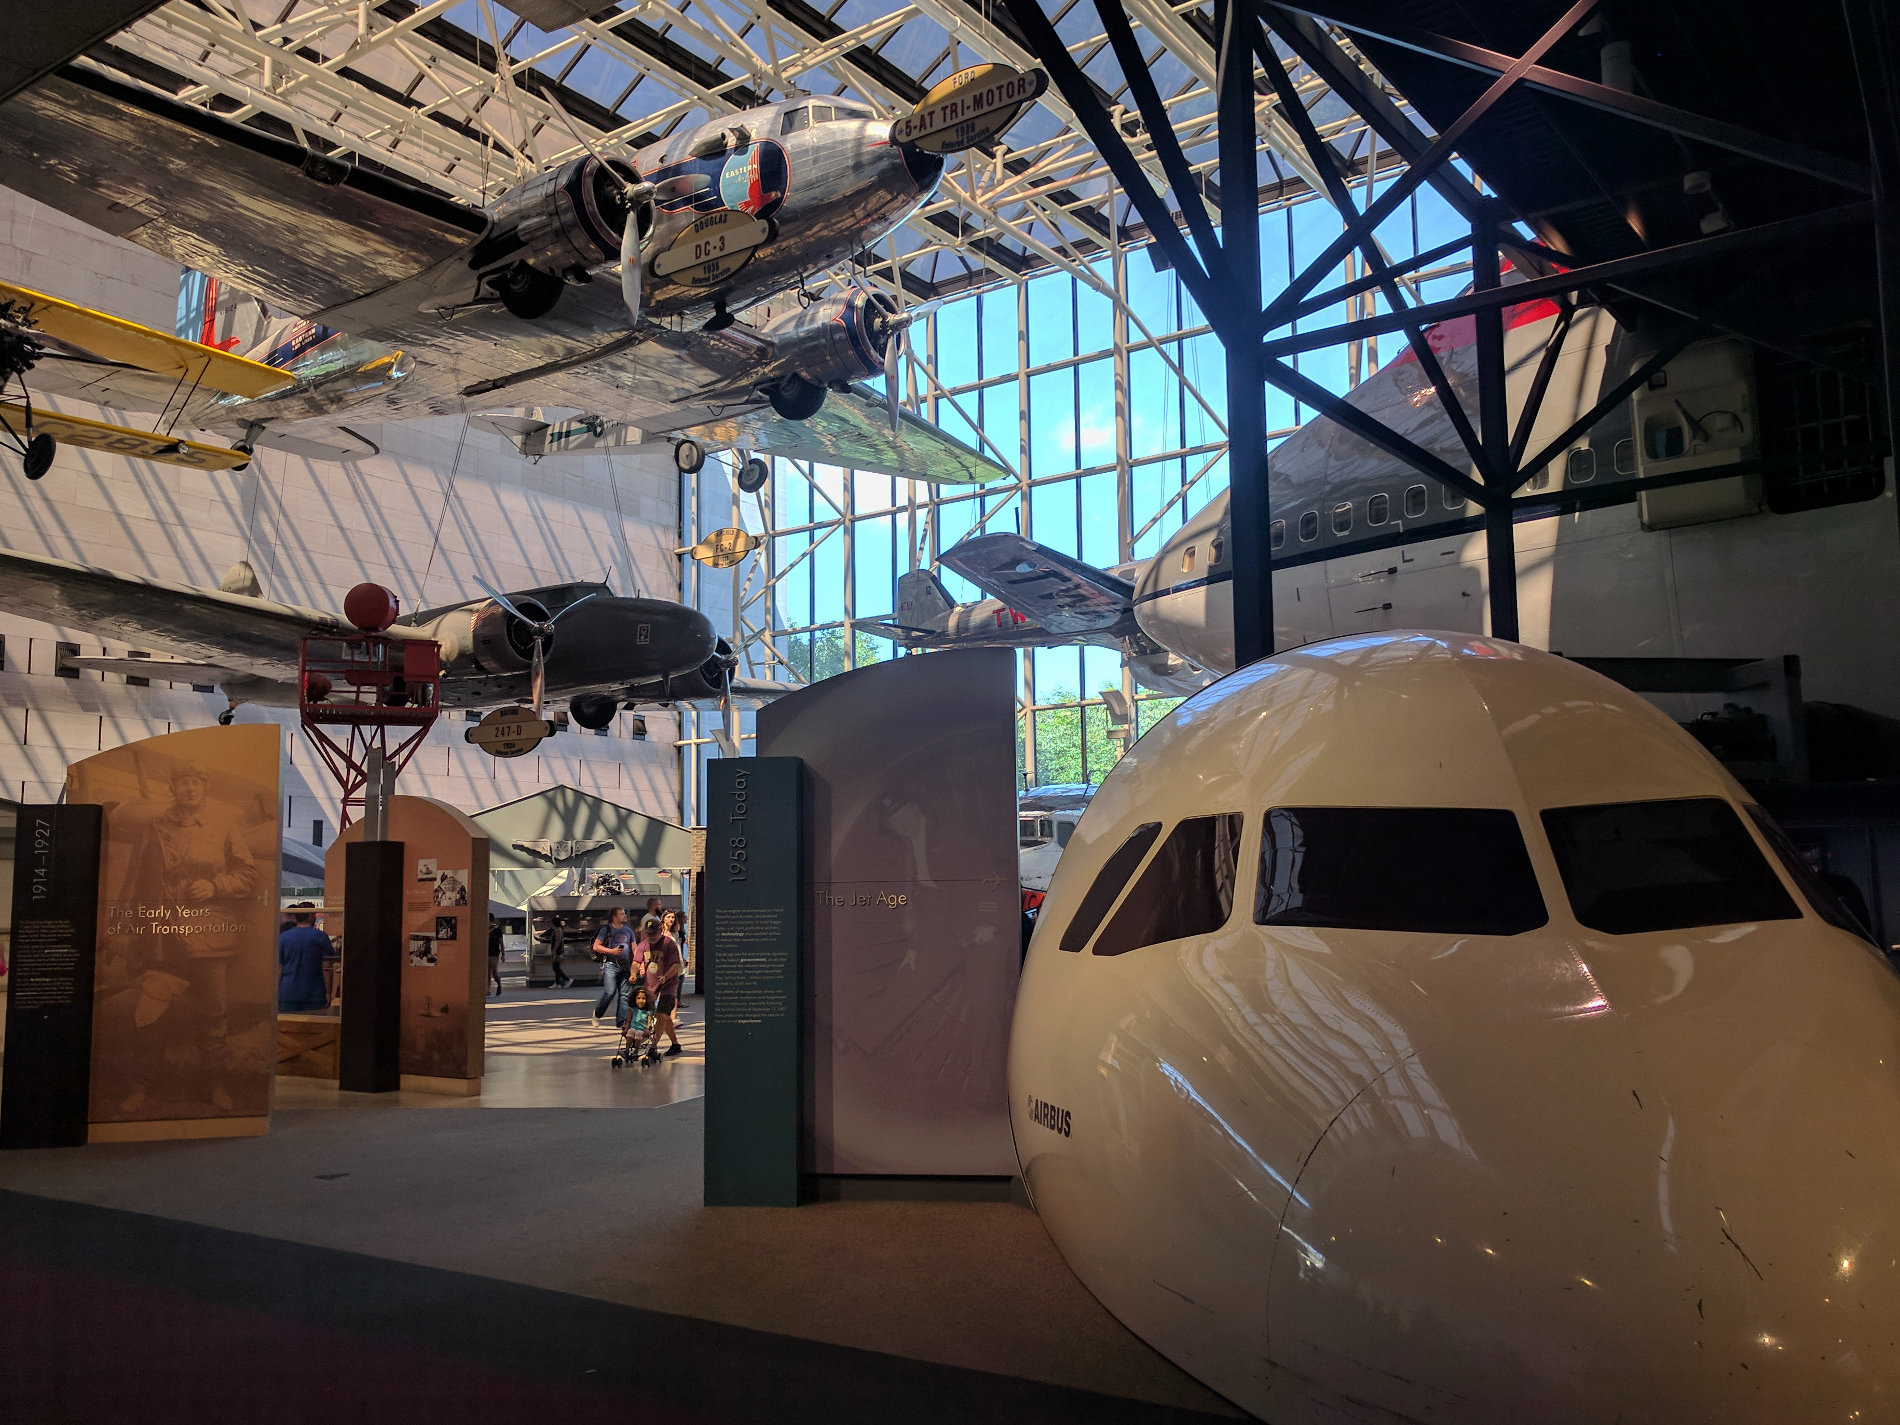 Viele Flugzeuge im Luft- und Raumfahrmuseum